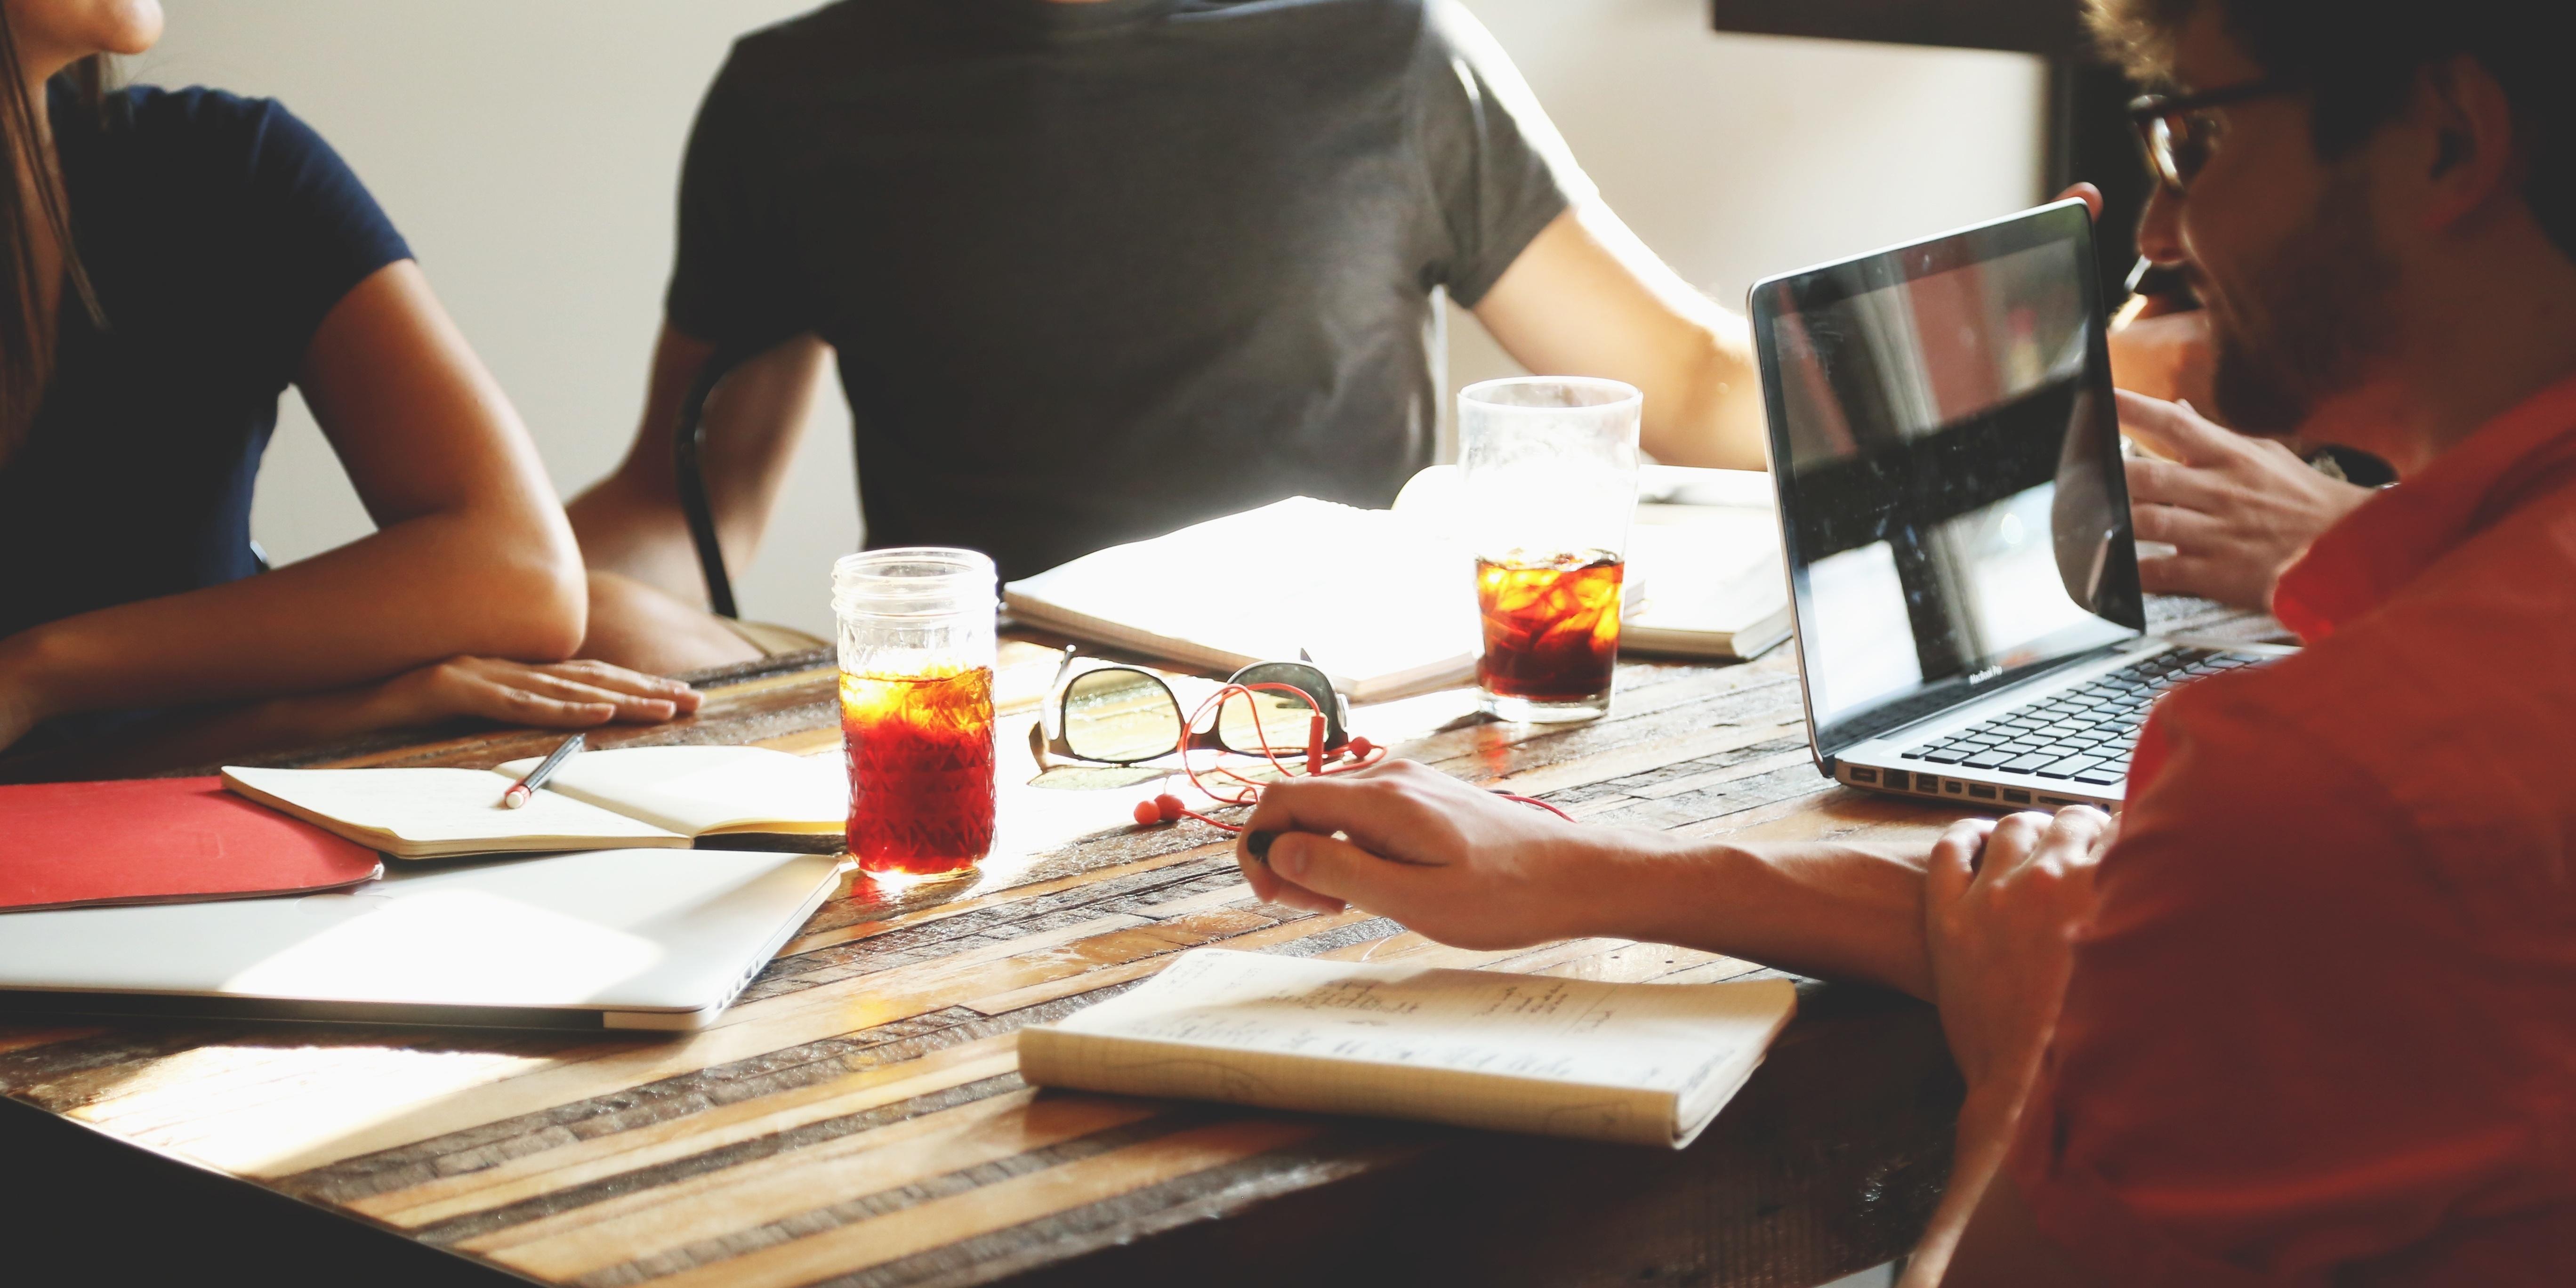 Att tänka på i arbetet med arbetsplatskulturen